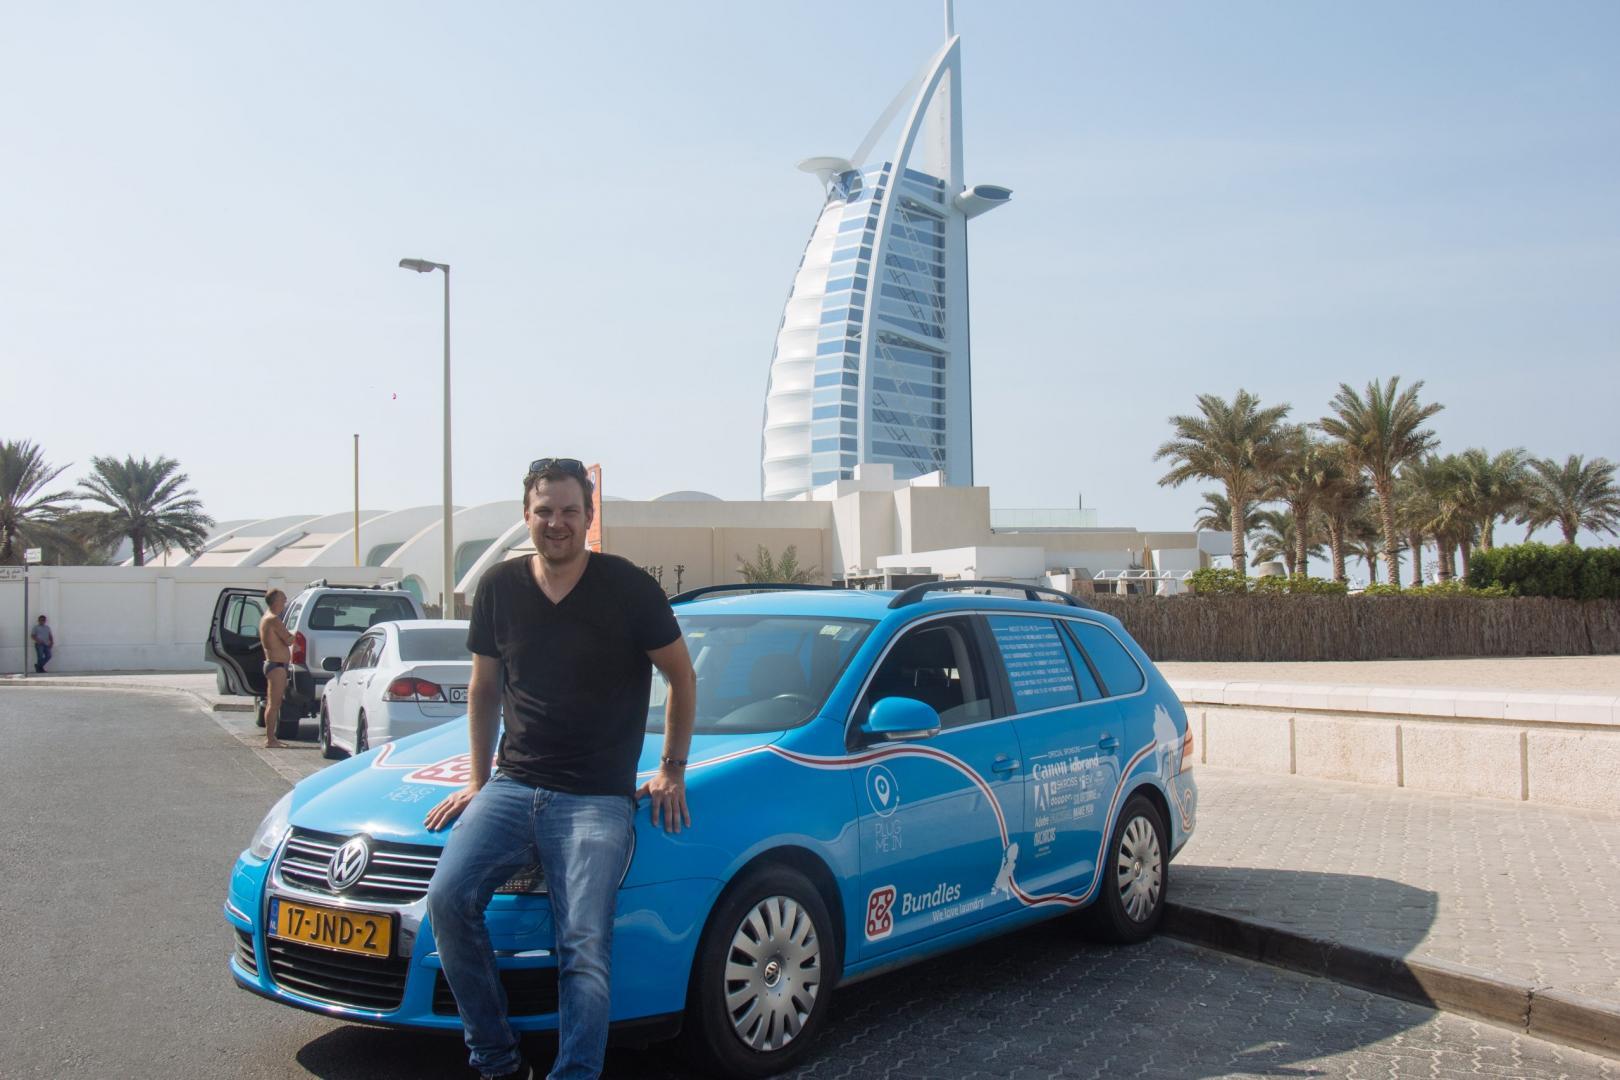 Wiebe Wakker met Volkswagen Golf in Dubai - Burj Al Arab